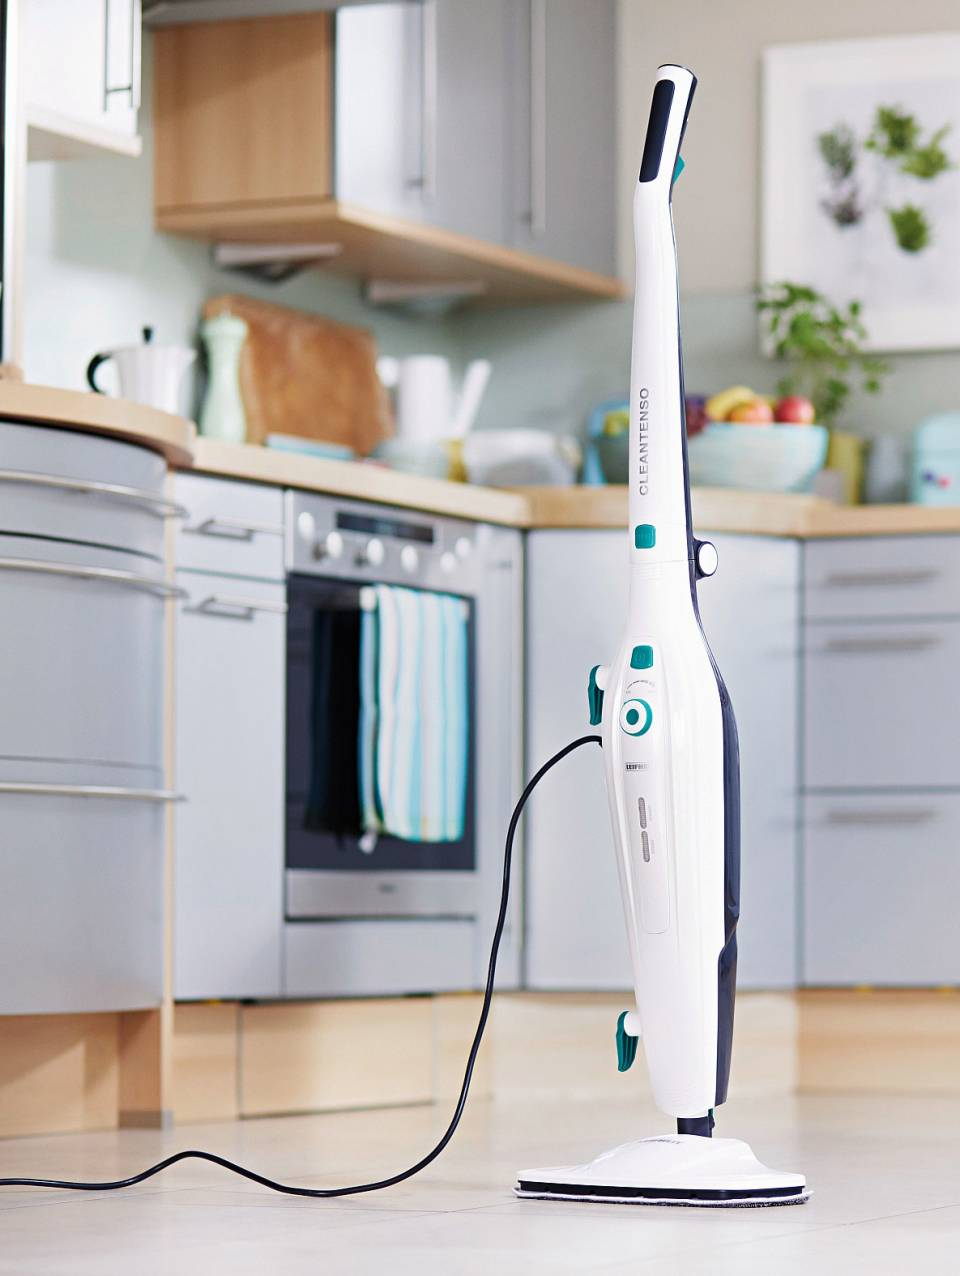 Leifheit Dampfreiniger CleanTenso mit austauschbarem Mikrofaser-Wischpad.